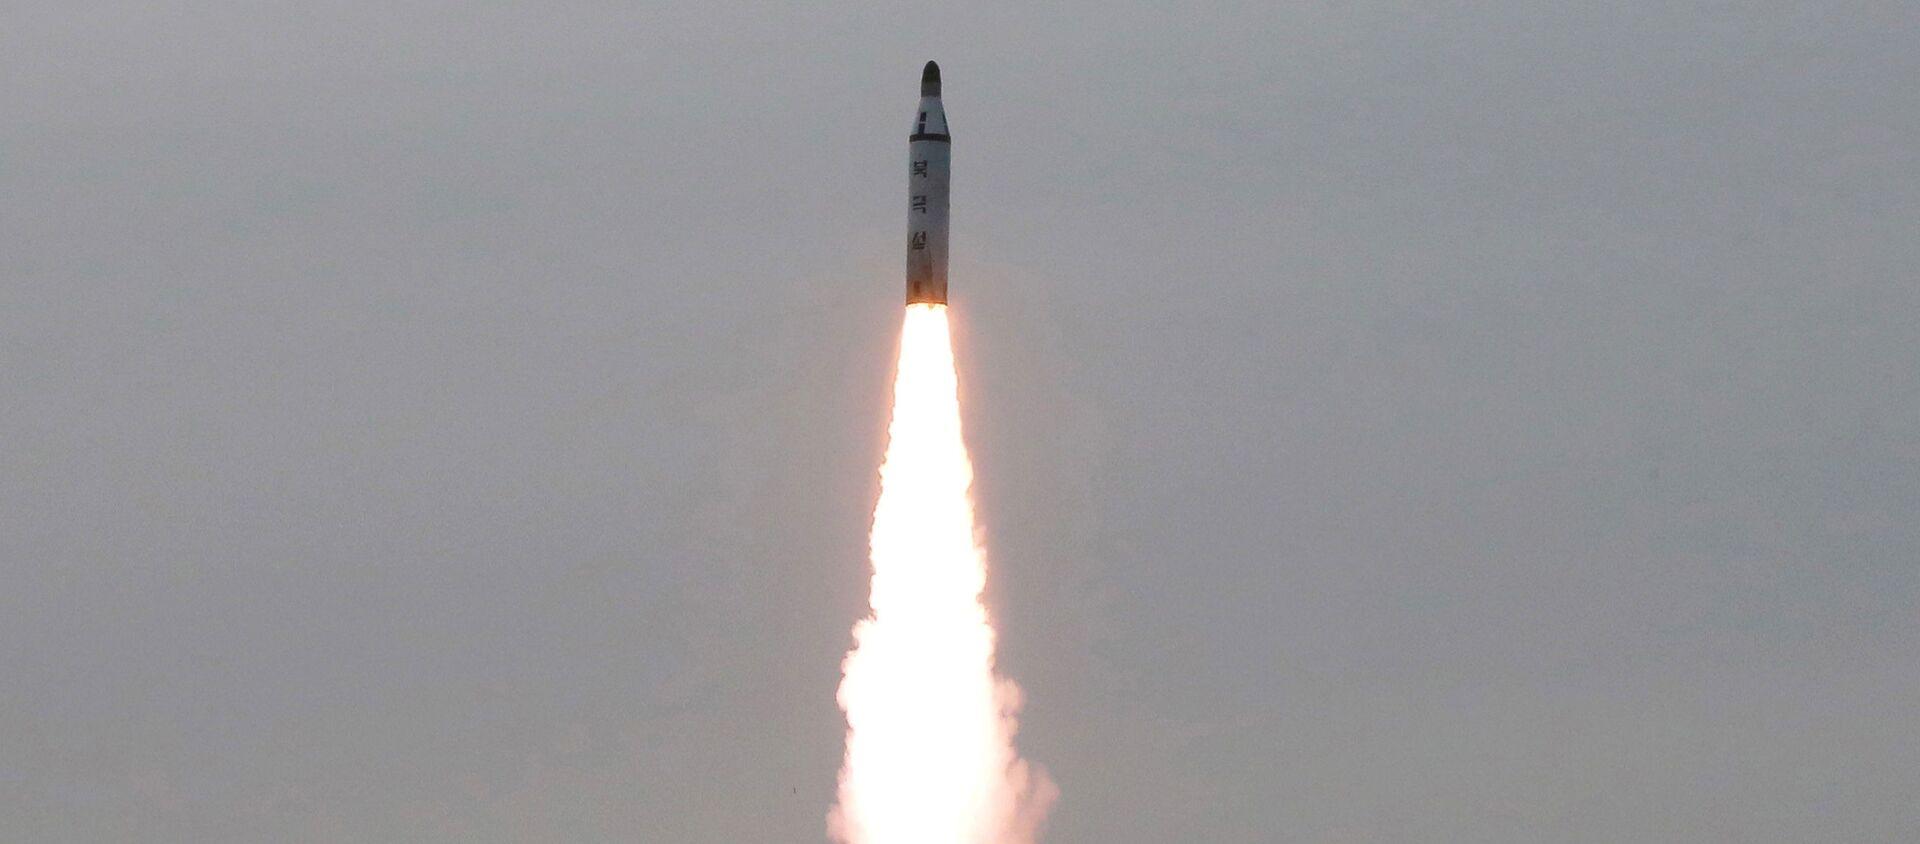 Một vụ phóng thử tên lửa của Triều Tiên - Sputnik Việt Nam, 1920, 28.09.2021